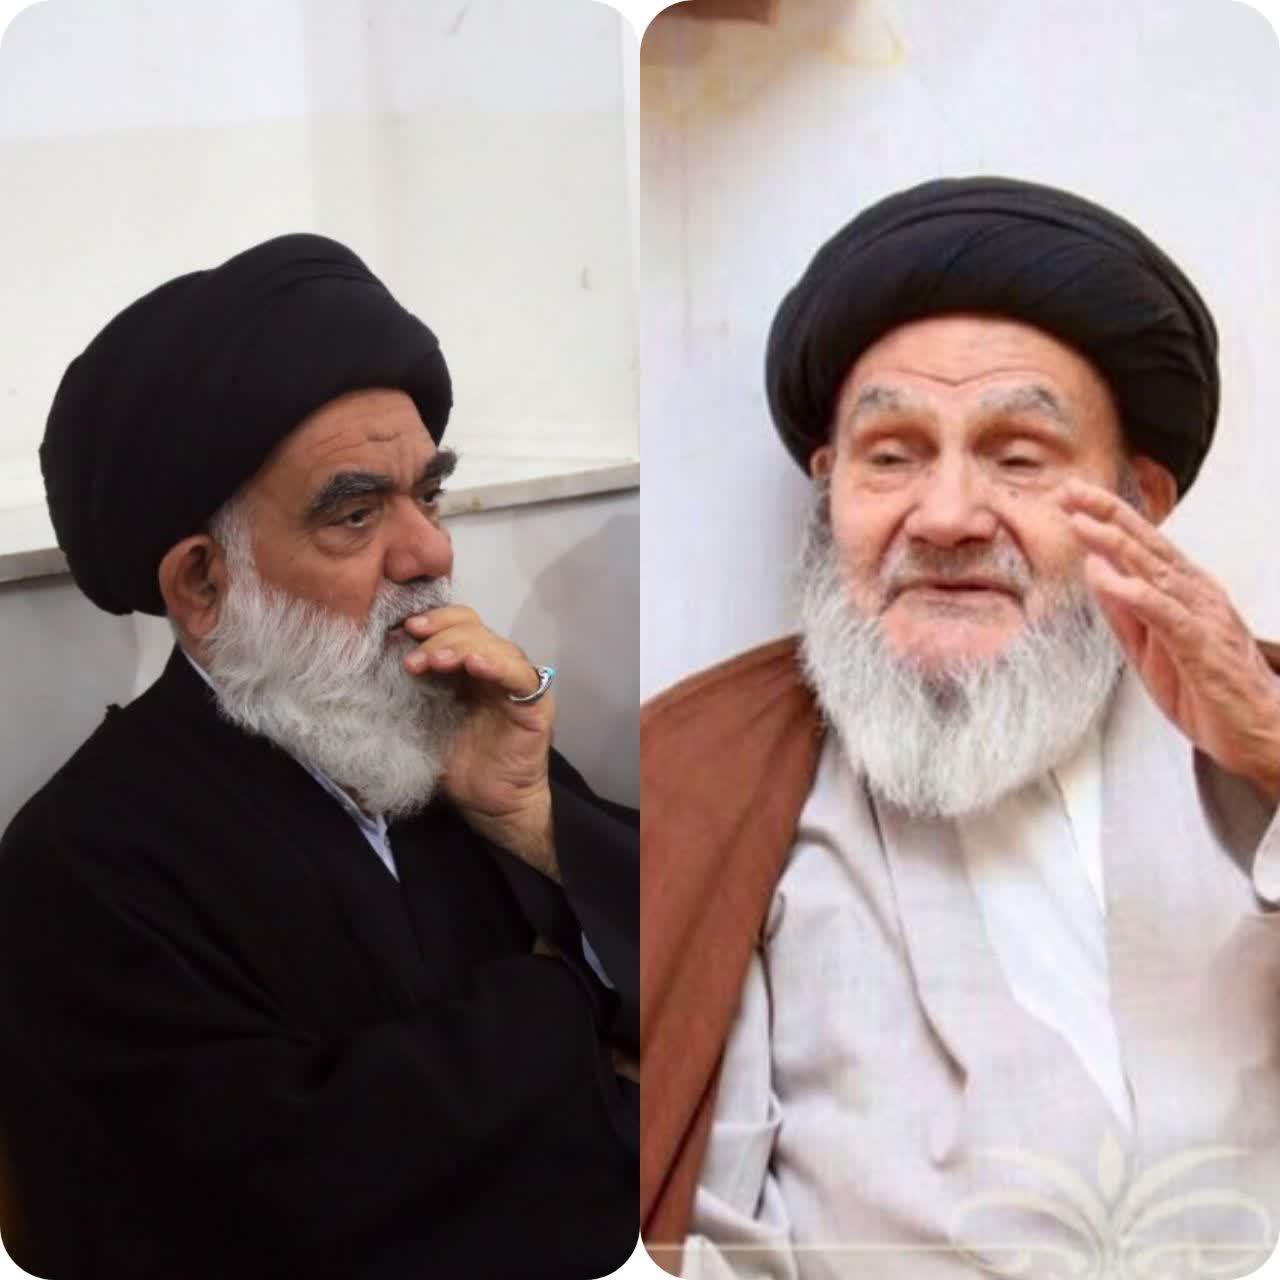 پیام تسلیت آیة الله حسینی گرگانی در پی رحلت آیة الله شمس خراسانی